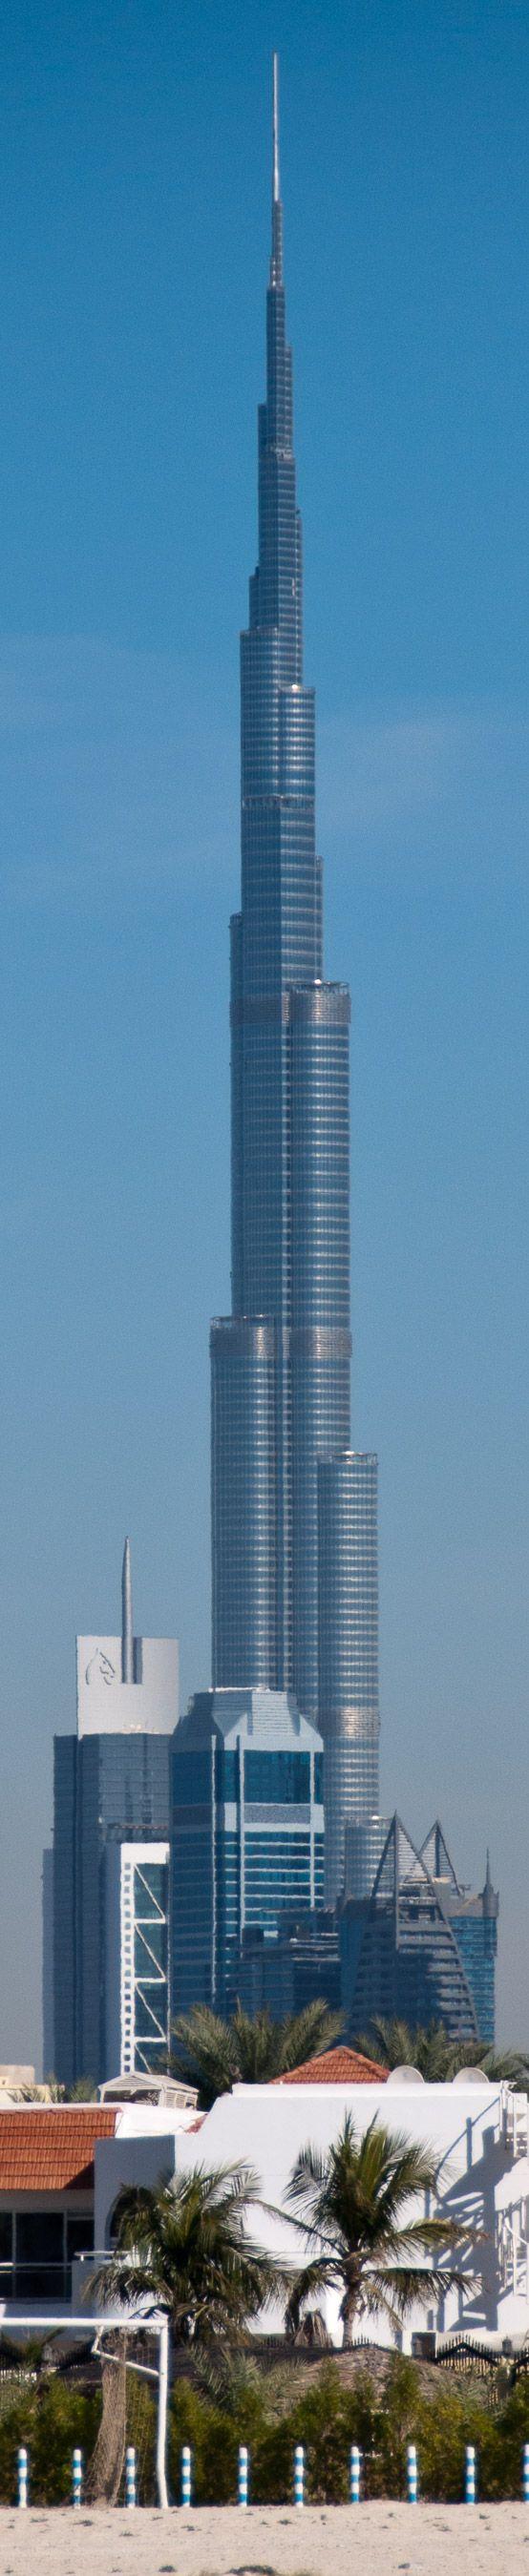 Nervenkitzel beeindruckend hoch oben am Burj Khalifa, dem höchsten Gebäude der Welt